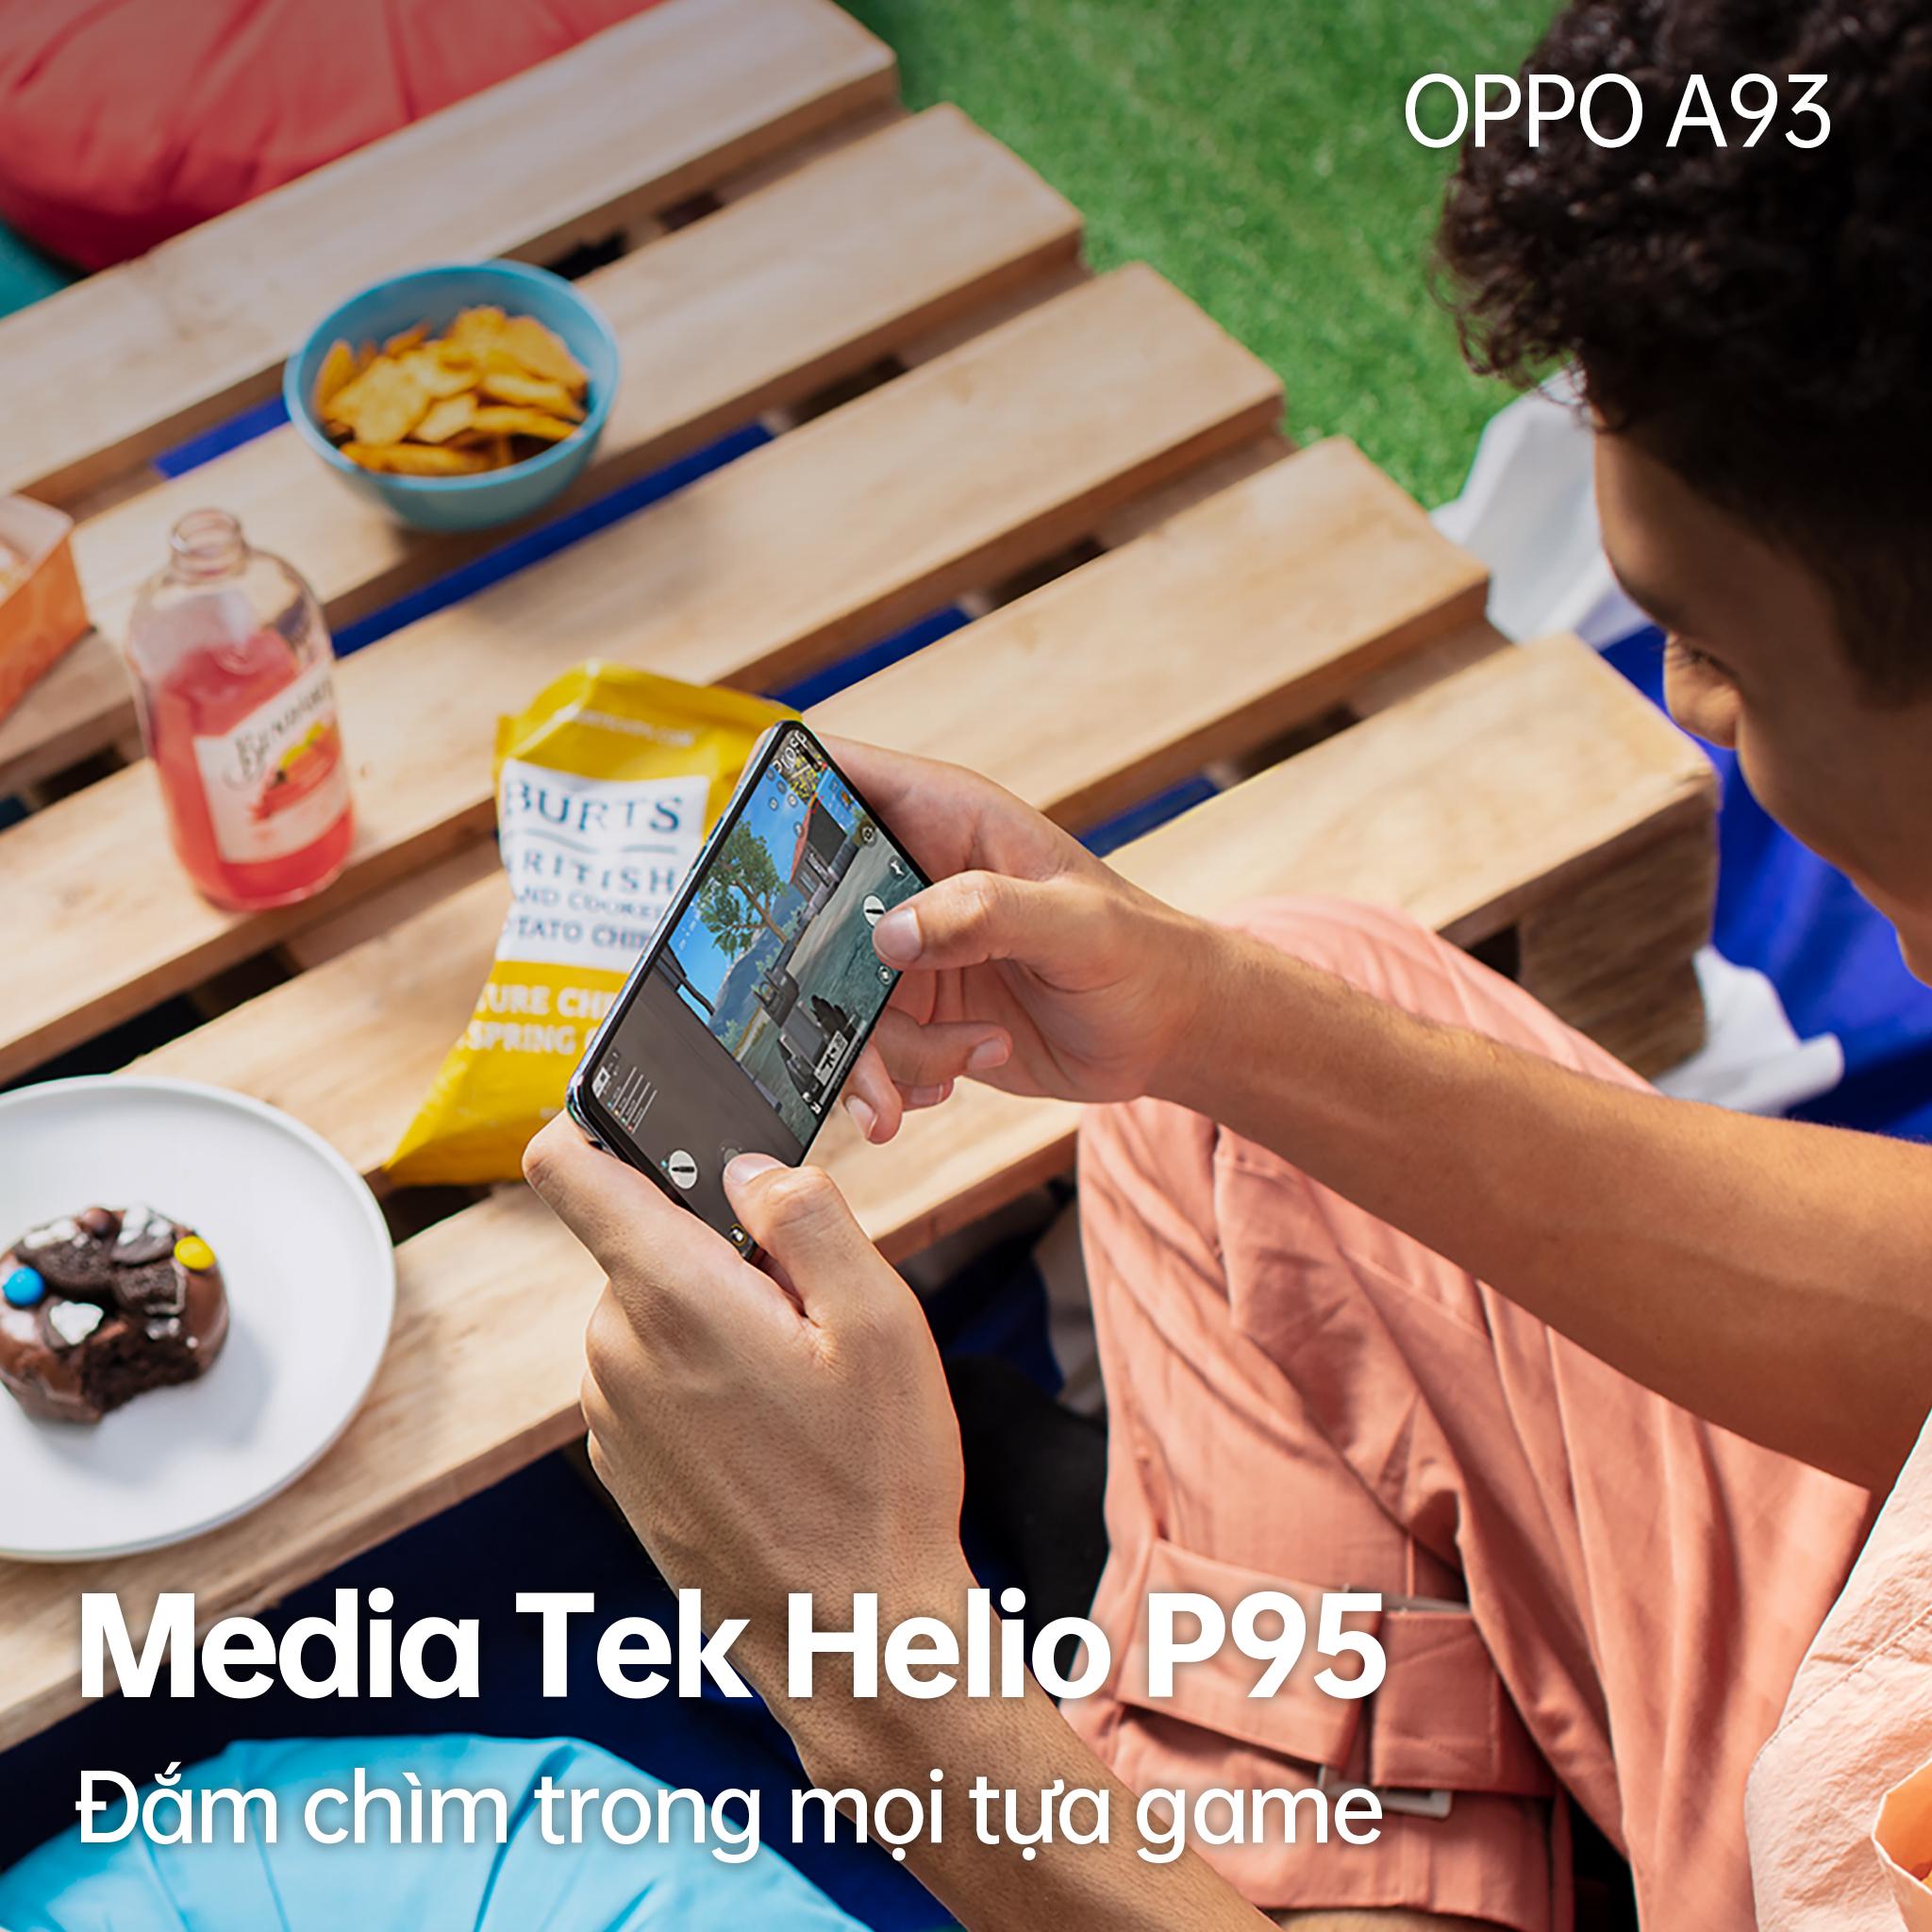 Khám phá 15 tính năng nổi bật của OPPO A93 cho xu hướng AI Camera chất lượng - Ảnh 18.